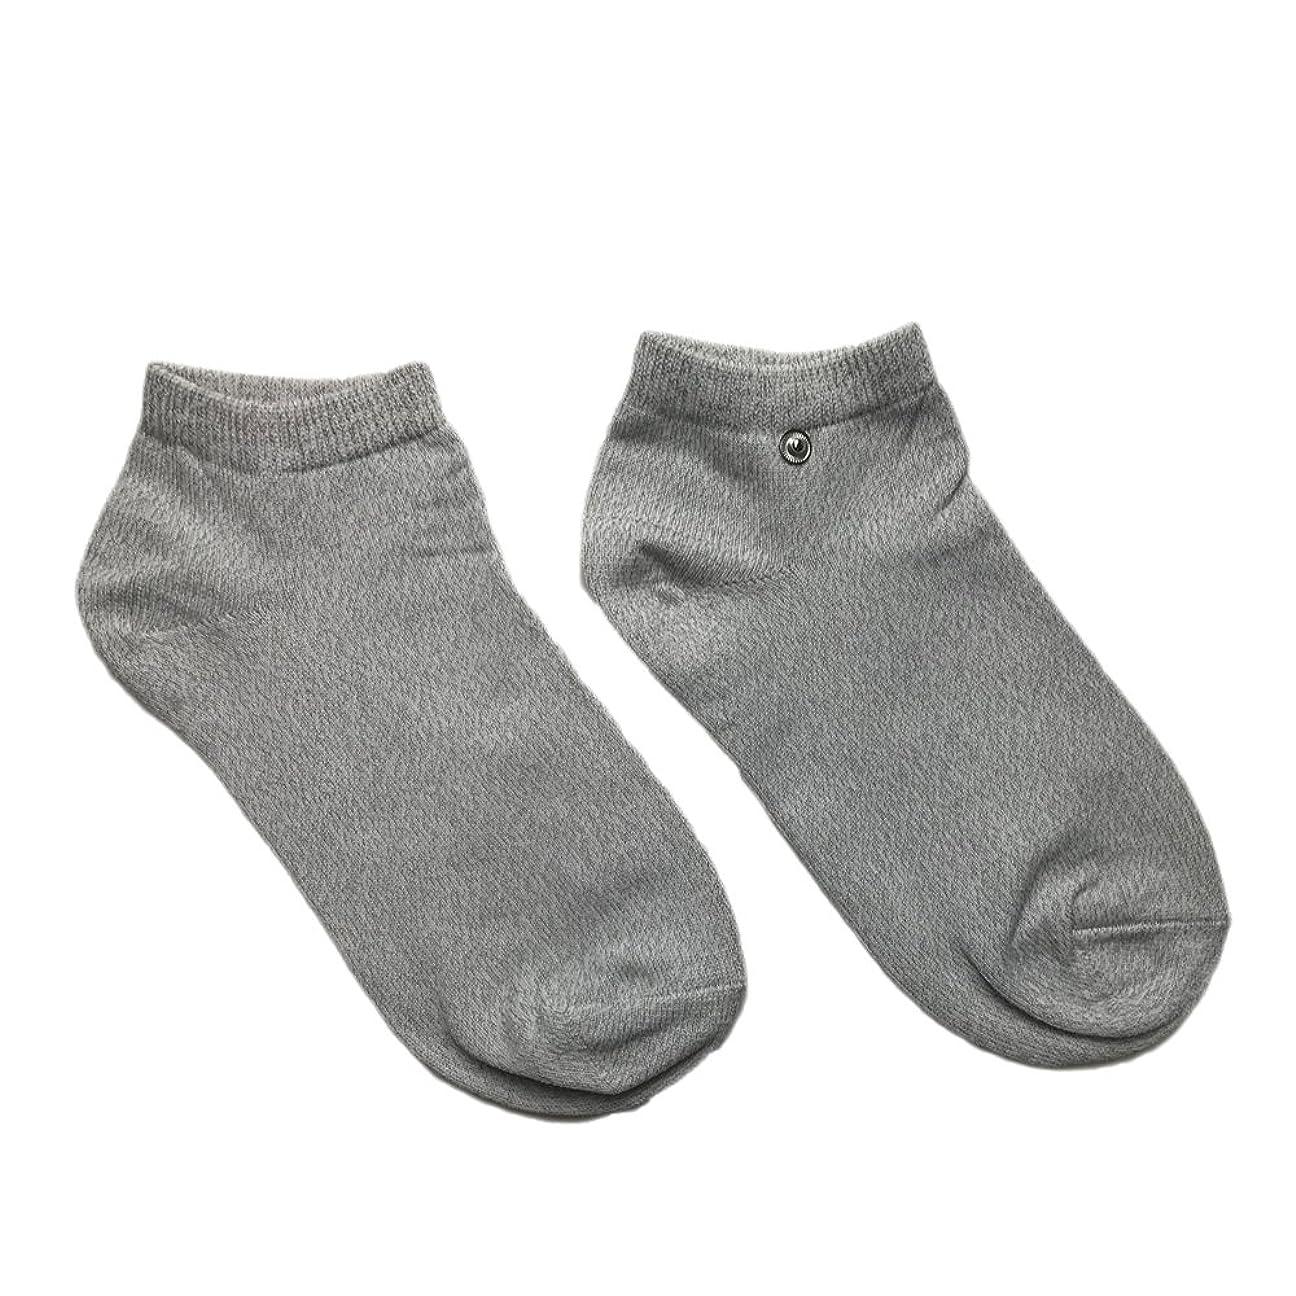 増強普通にチキンriraku-life(??????) 大地と繋がるアーシング健康法用 アーシングソックス(low) 導電性靴下 (M)